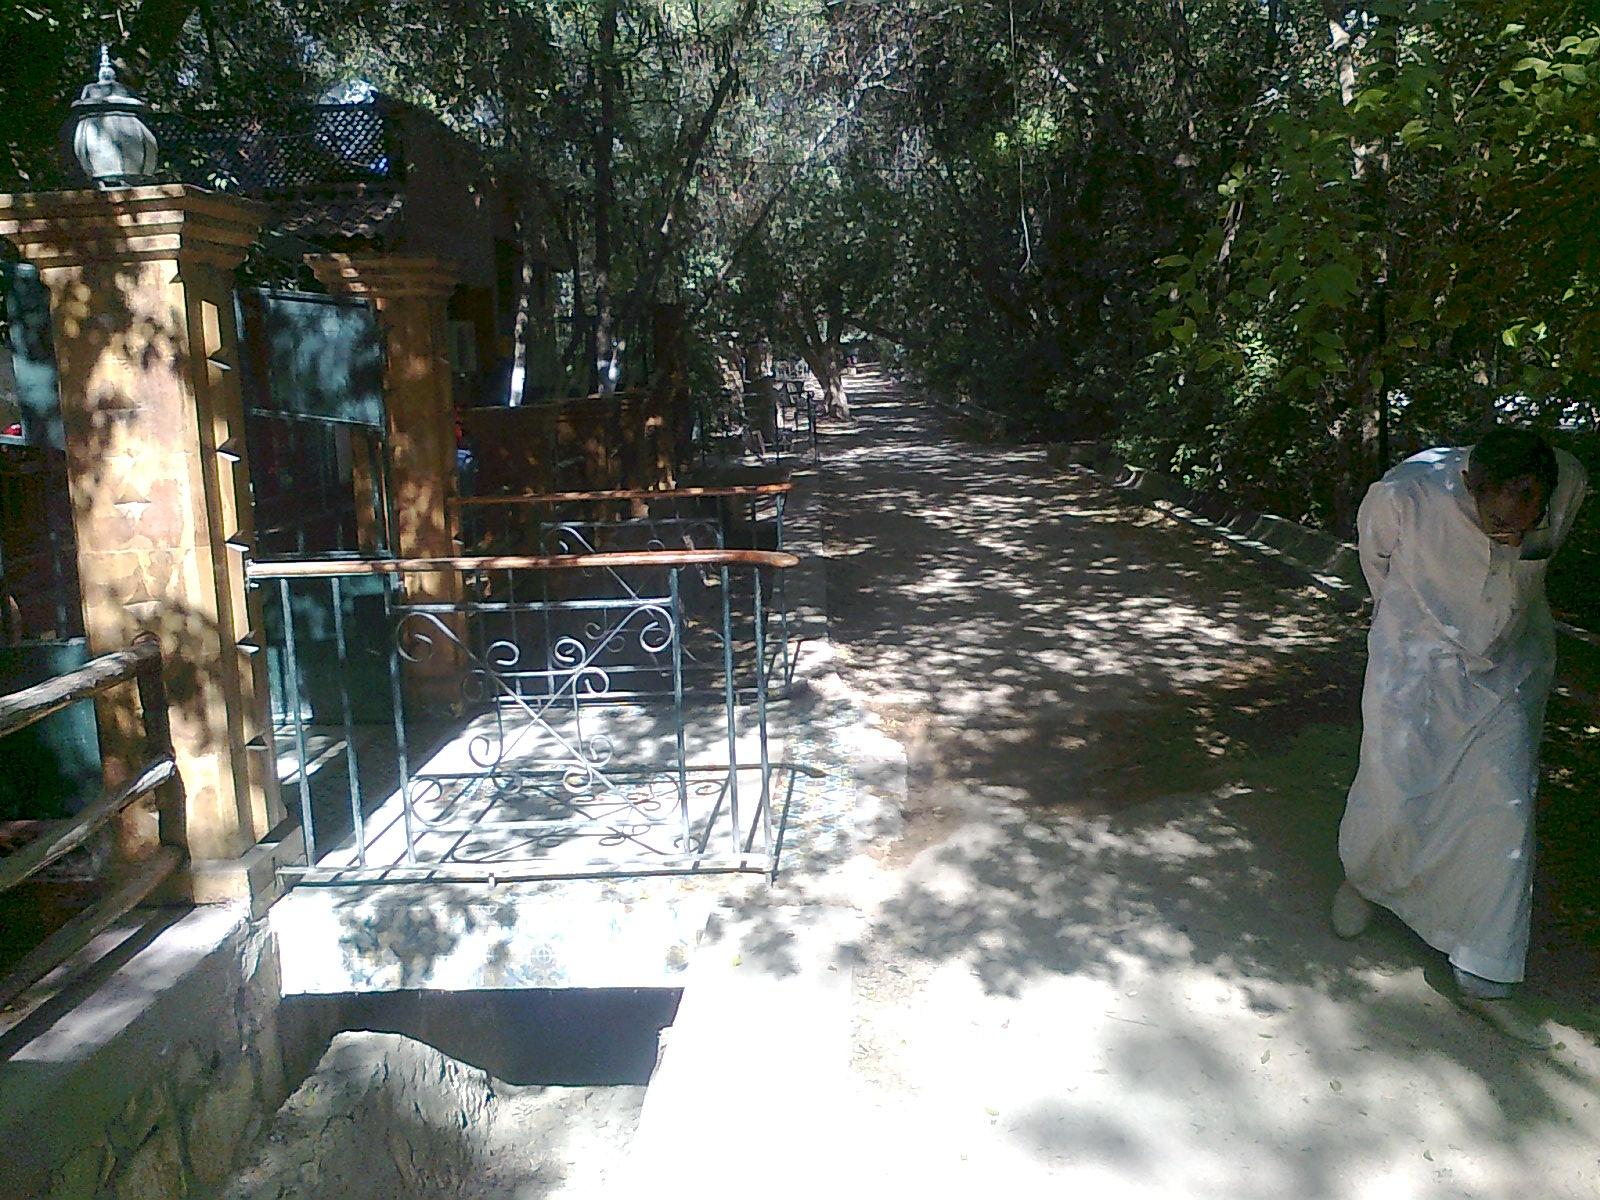 Jardin de biskra for Jardin landon biskra